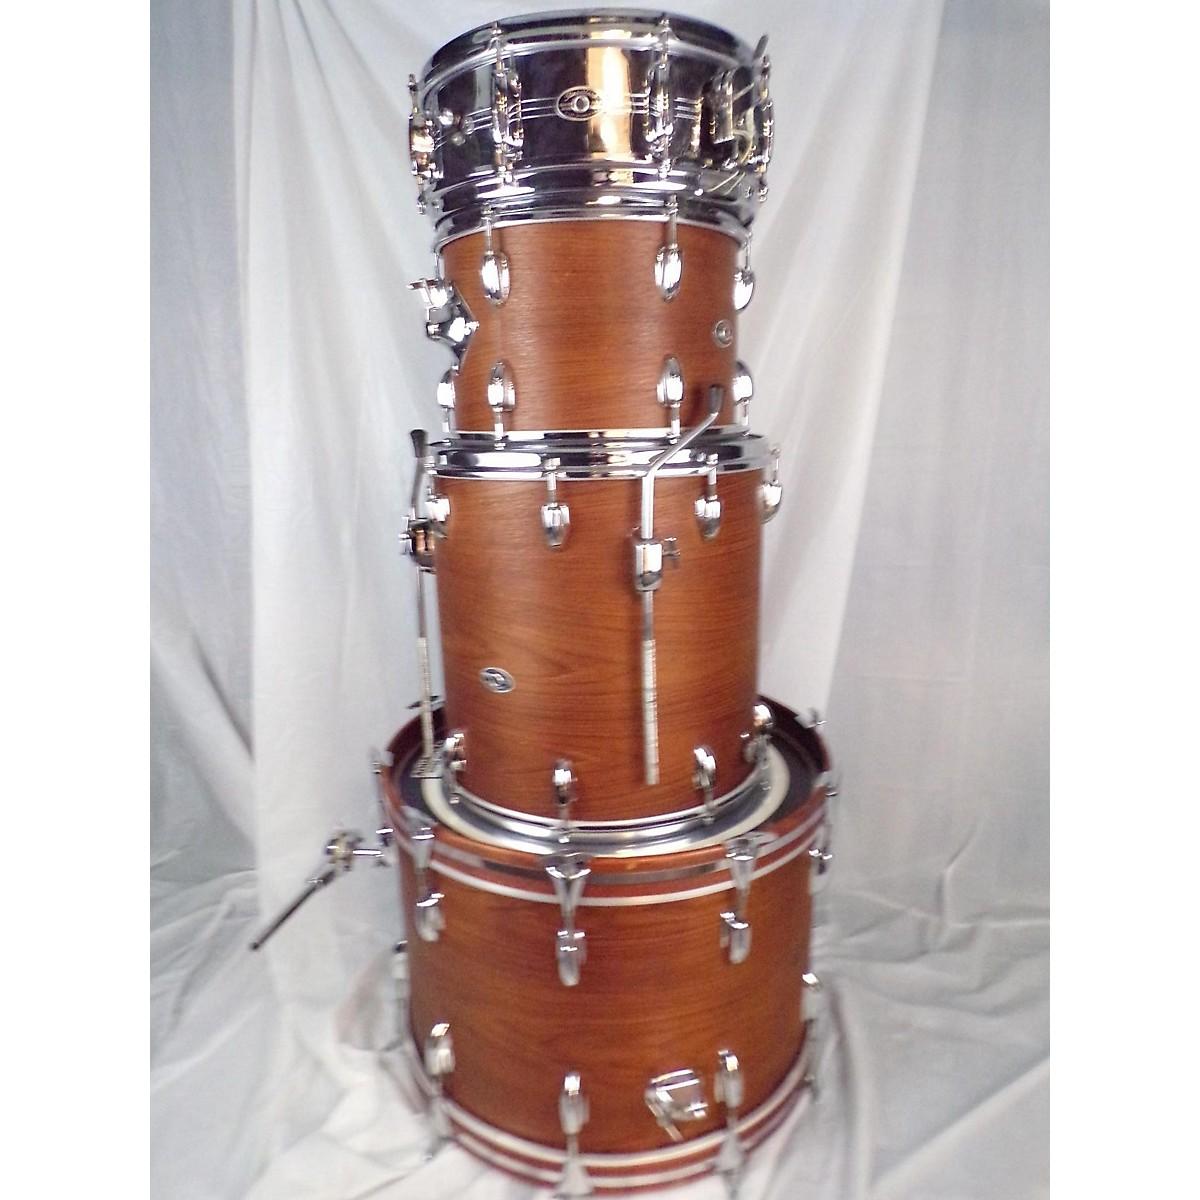 Slingerland 1970s SLINGERLAND Drum Kit